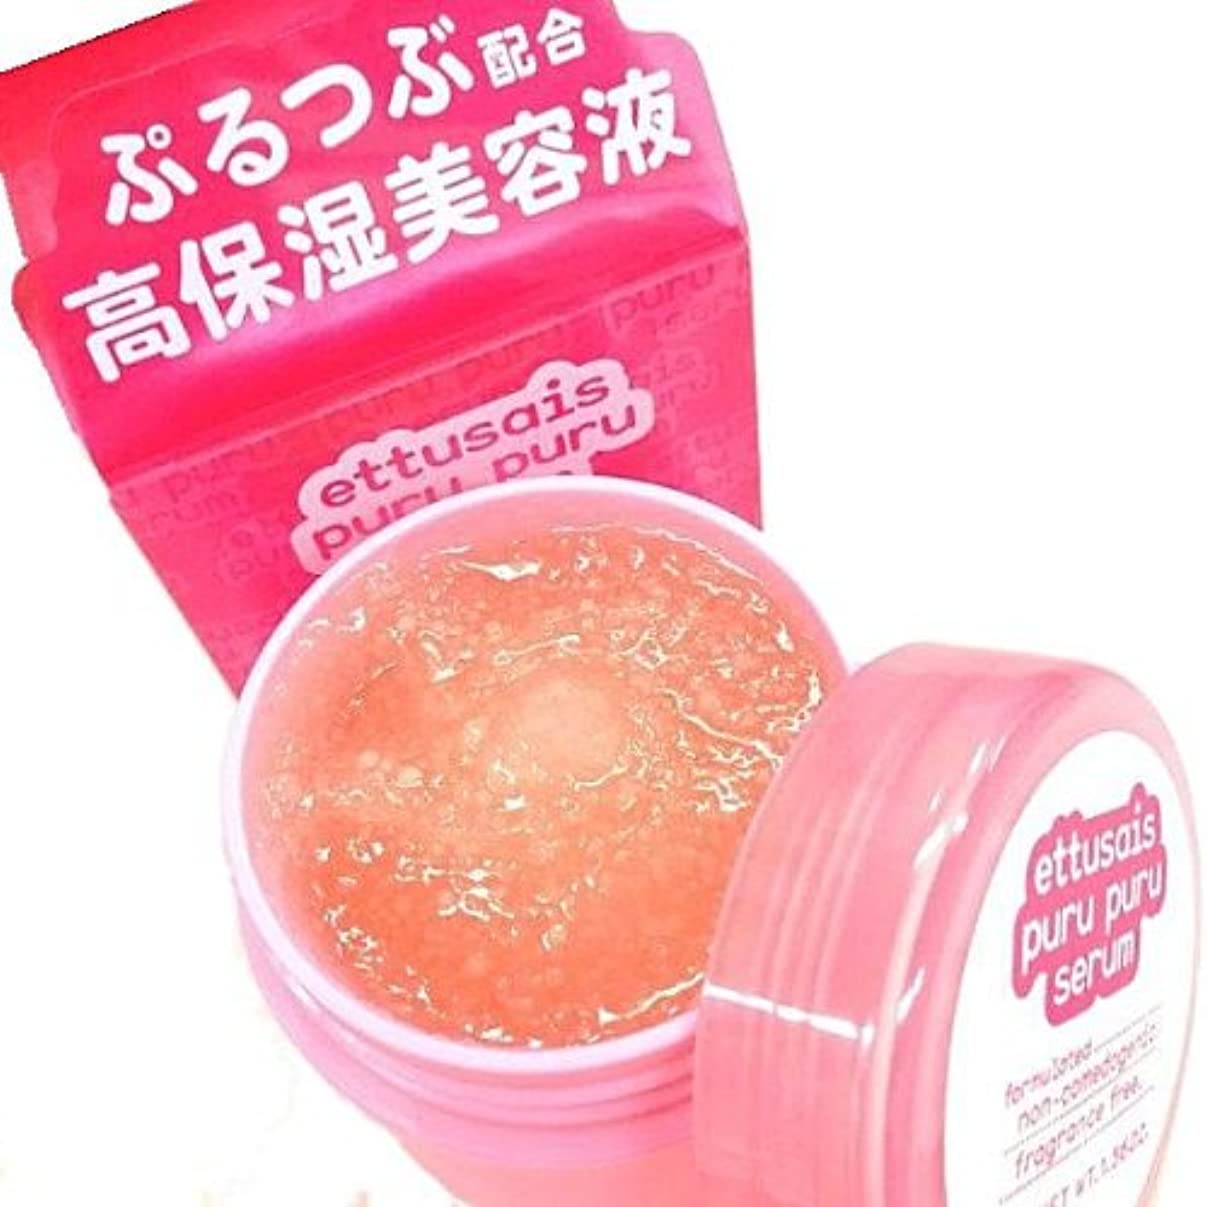 推論マキシム実質的にエテュセ ぷるつぶセラム 47g(濃厚保湿美容液)